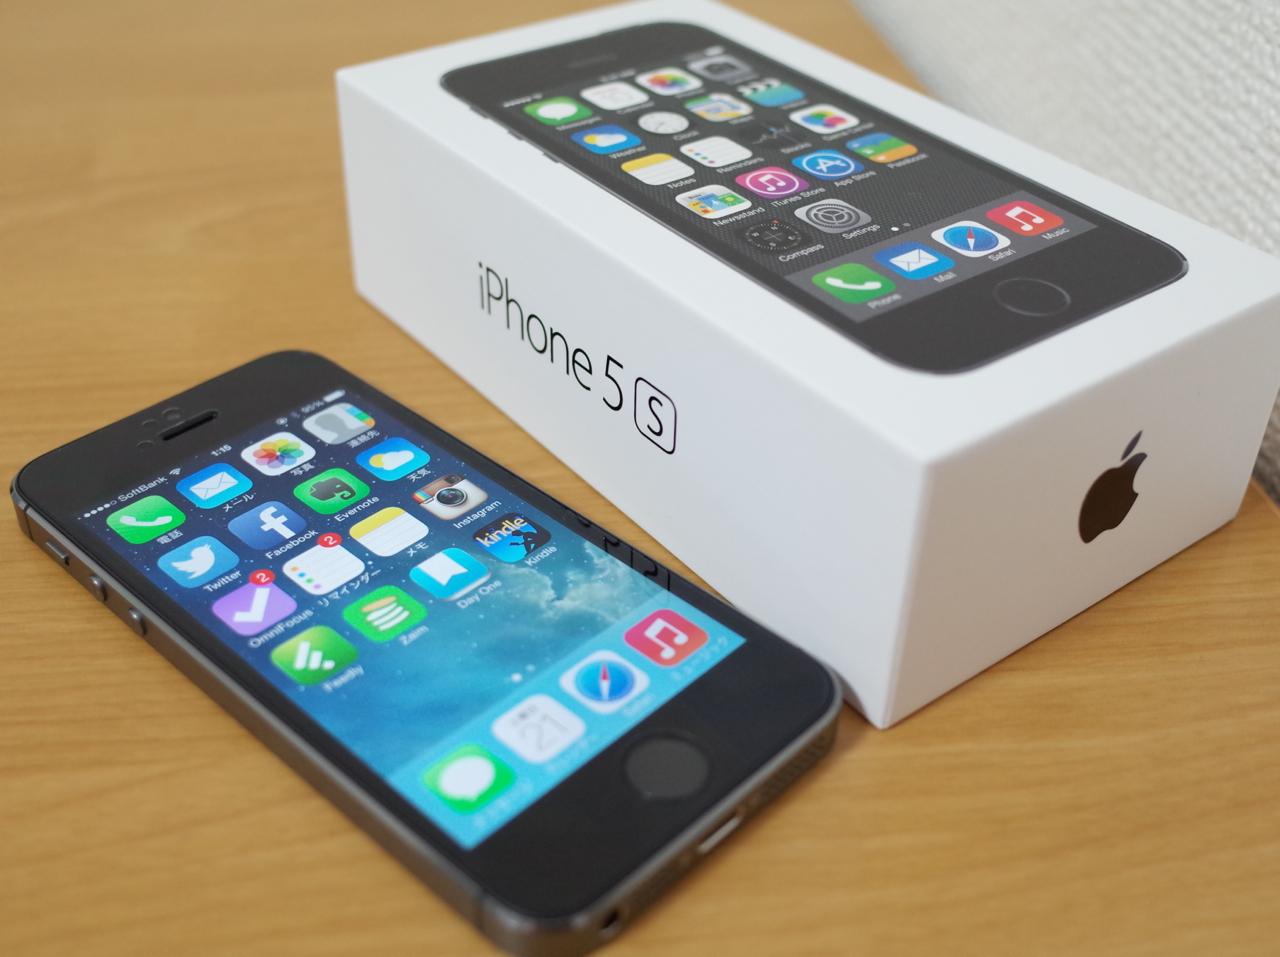 iPhone5sの写真